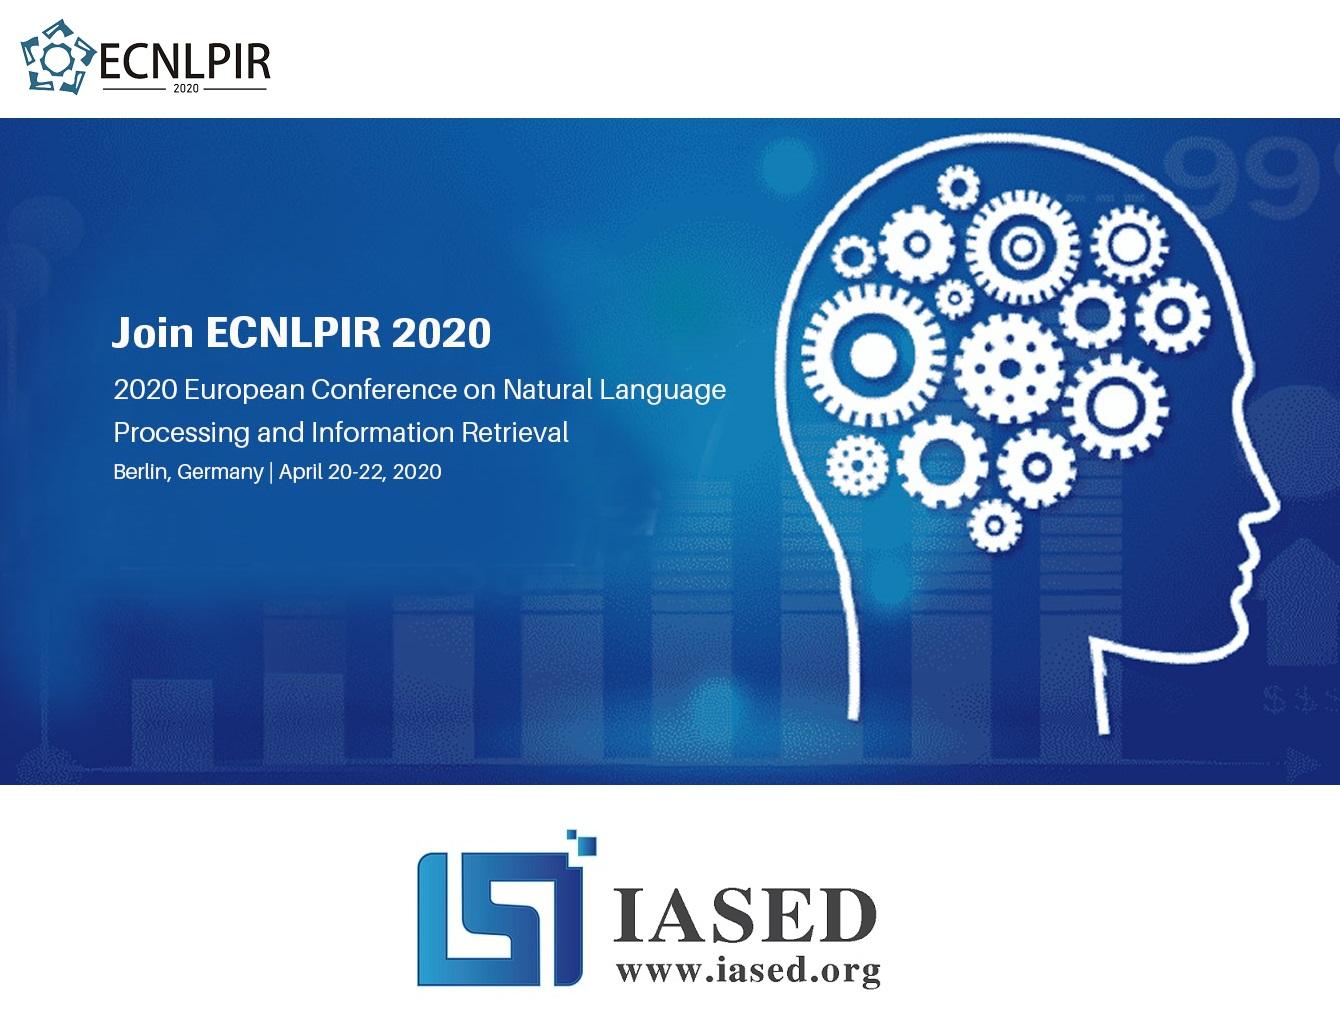 ECNLPIR 2020